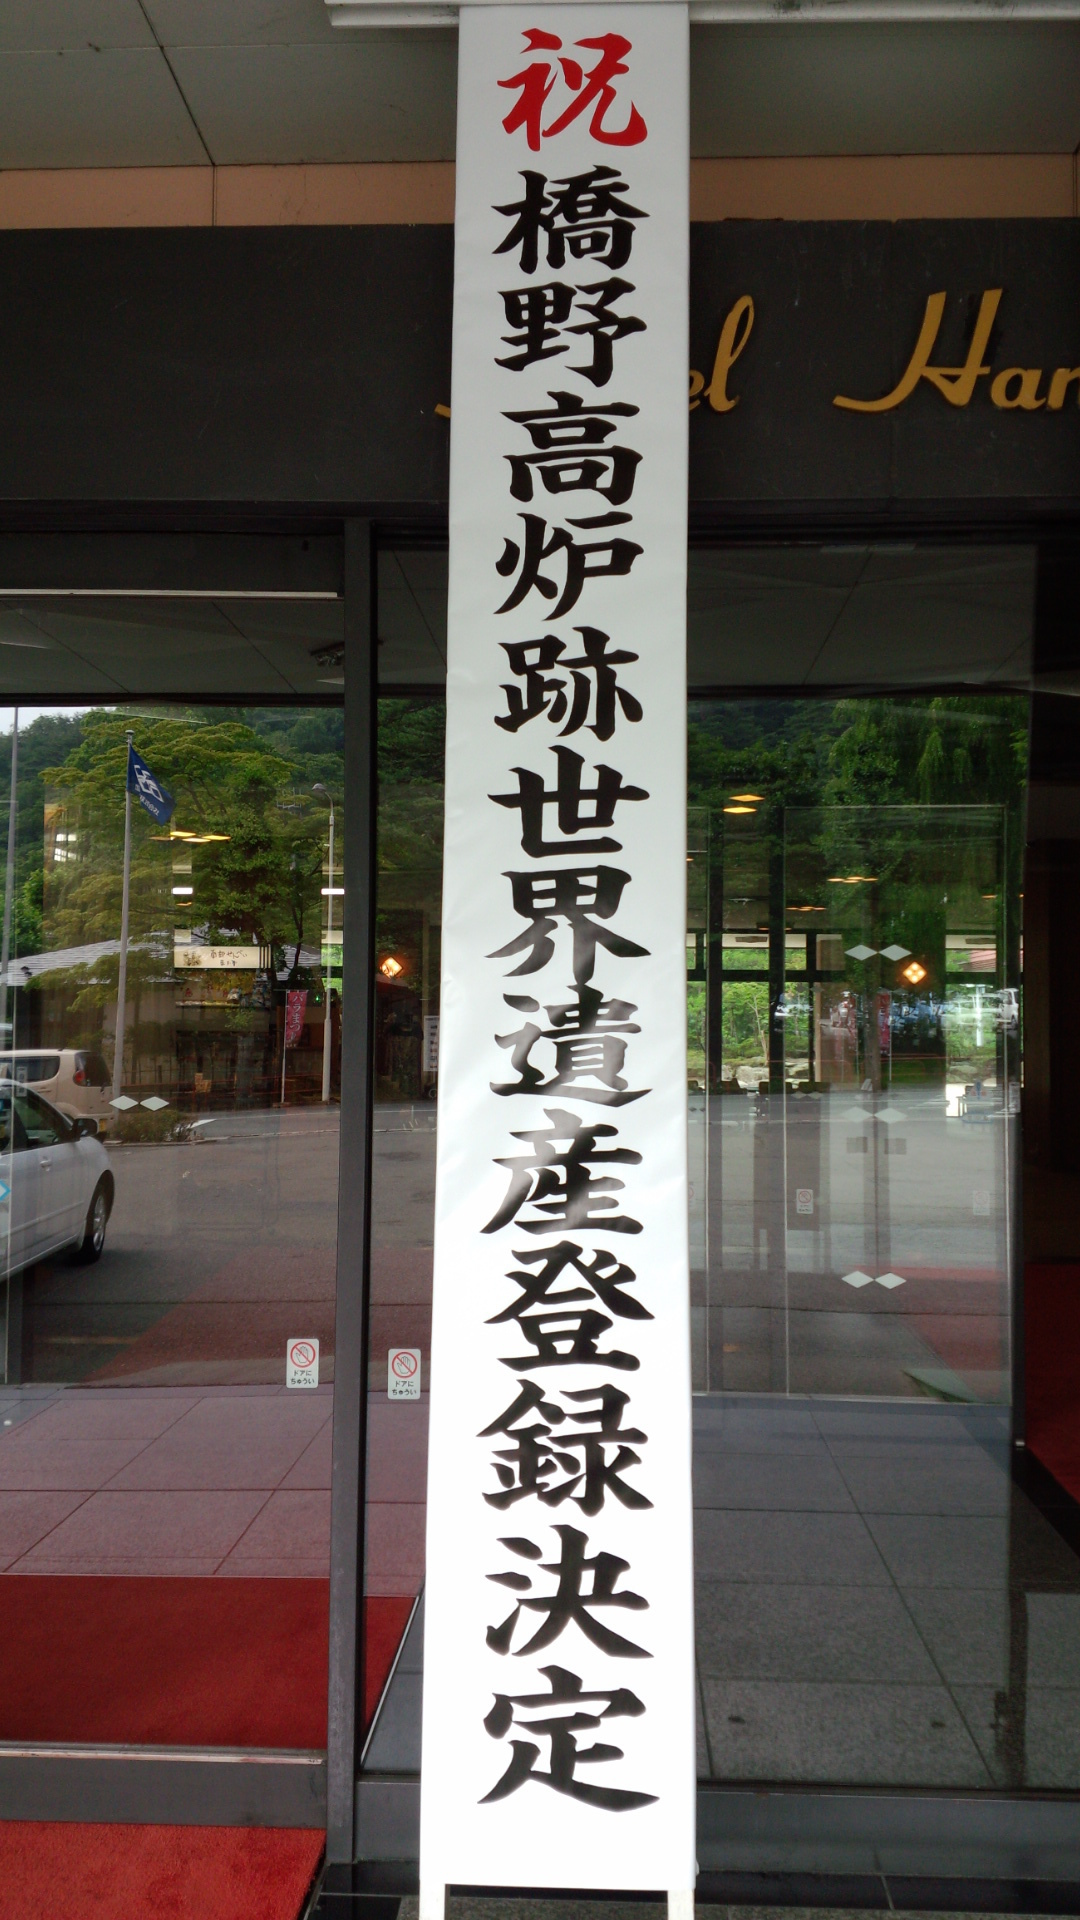 祝!橋野鉄鉱山世界遺産登録!